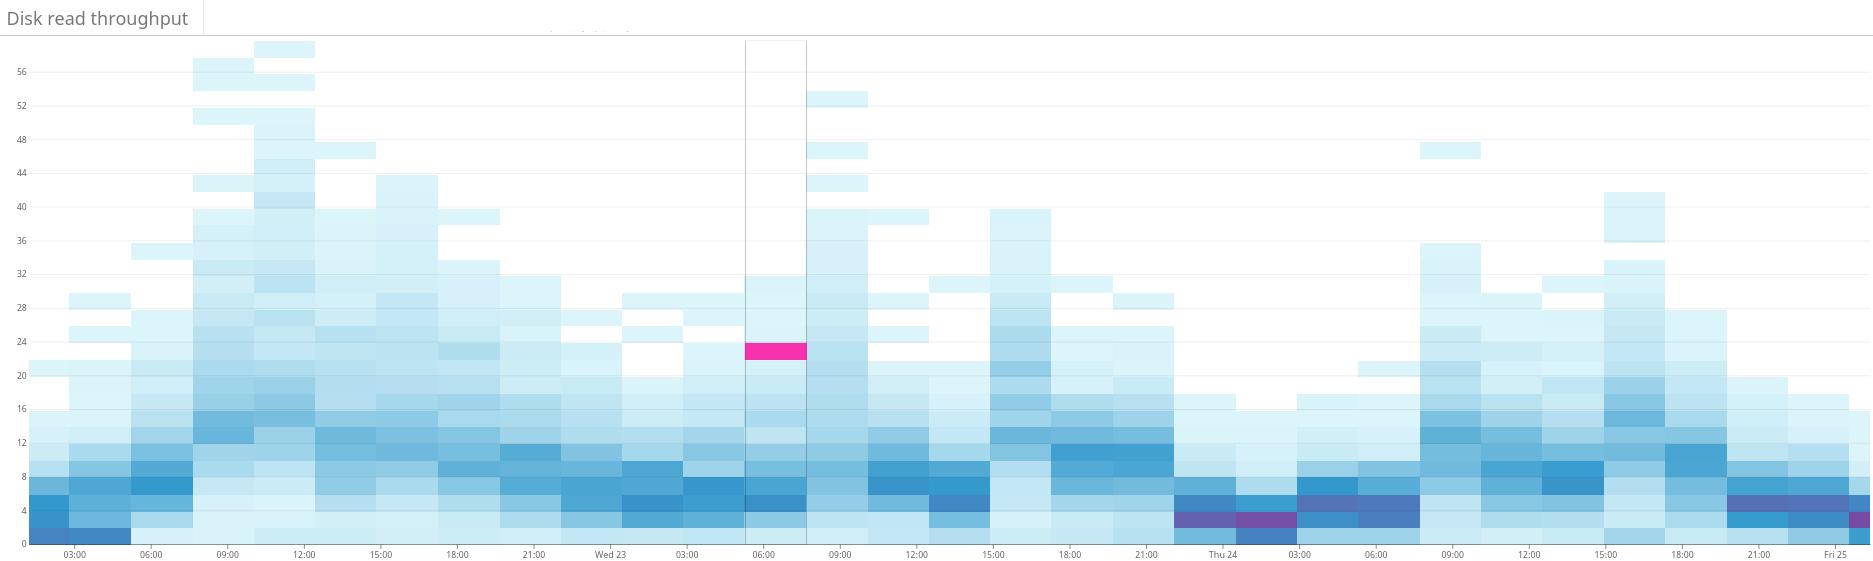 Оптимальное расположение шардов в петабайтном кластере Elasticsearch: линейное программирование - 5